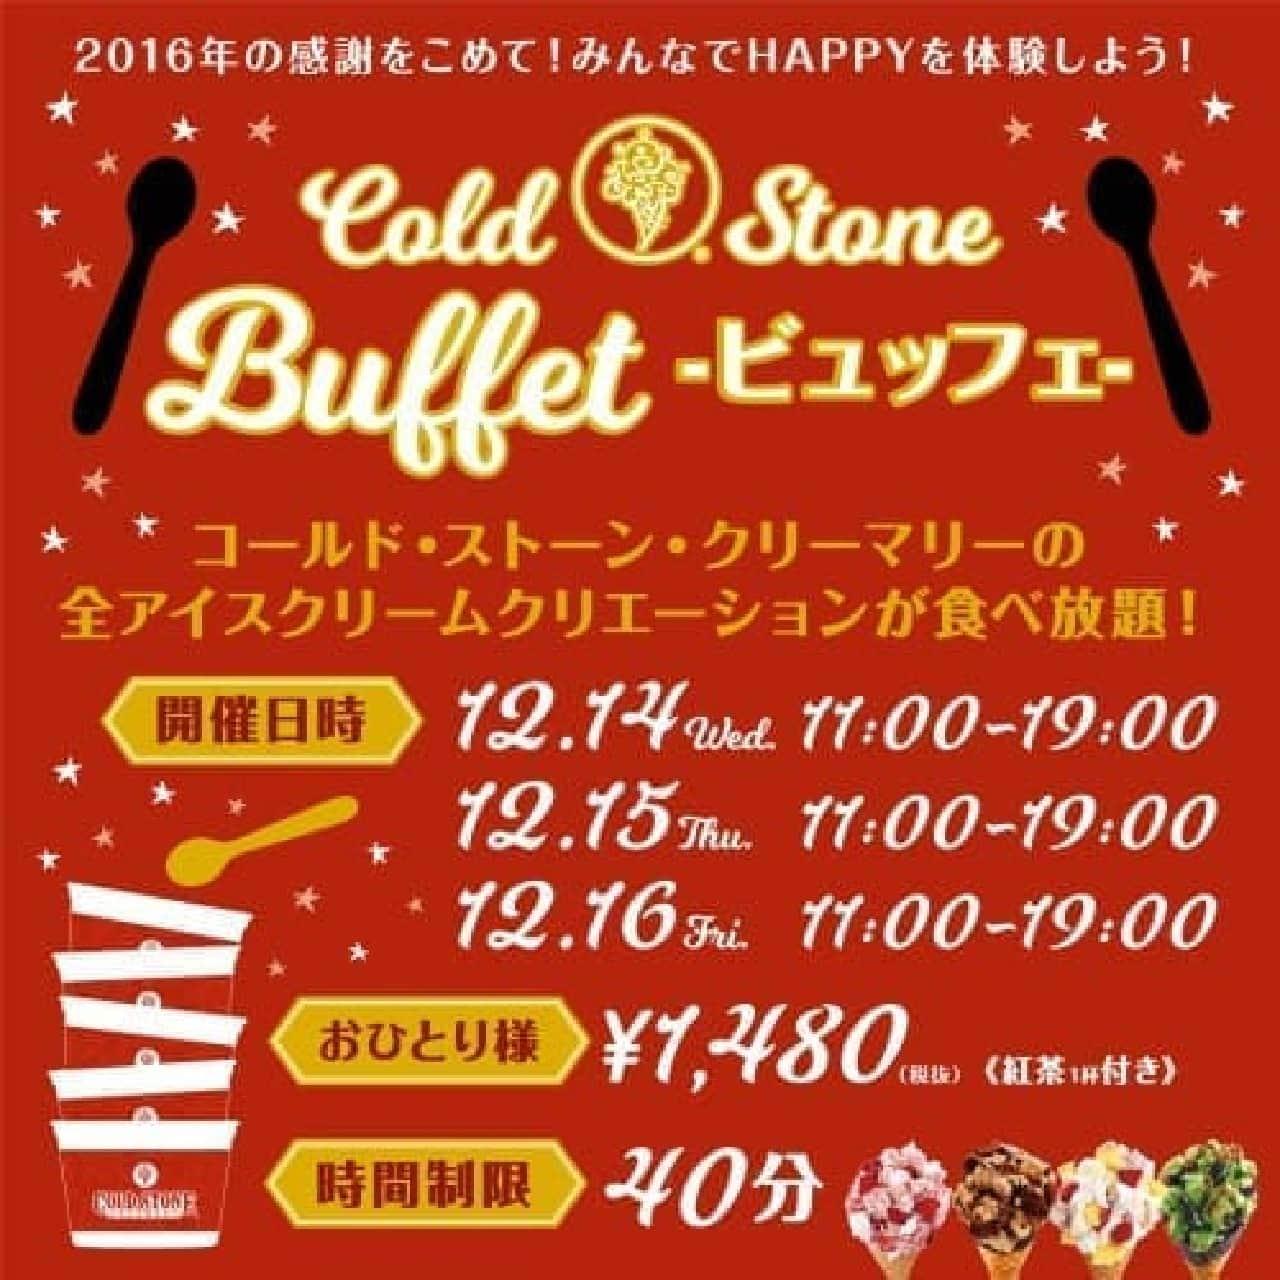 コールド・ストーン・クリーマリー「Cold Stone ビュッフェ」